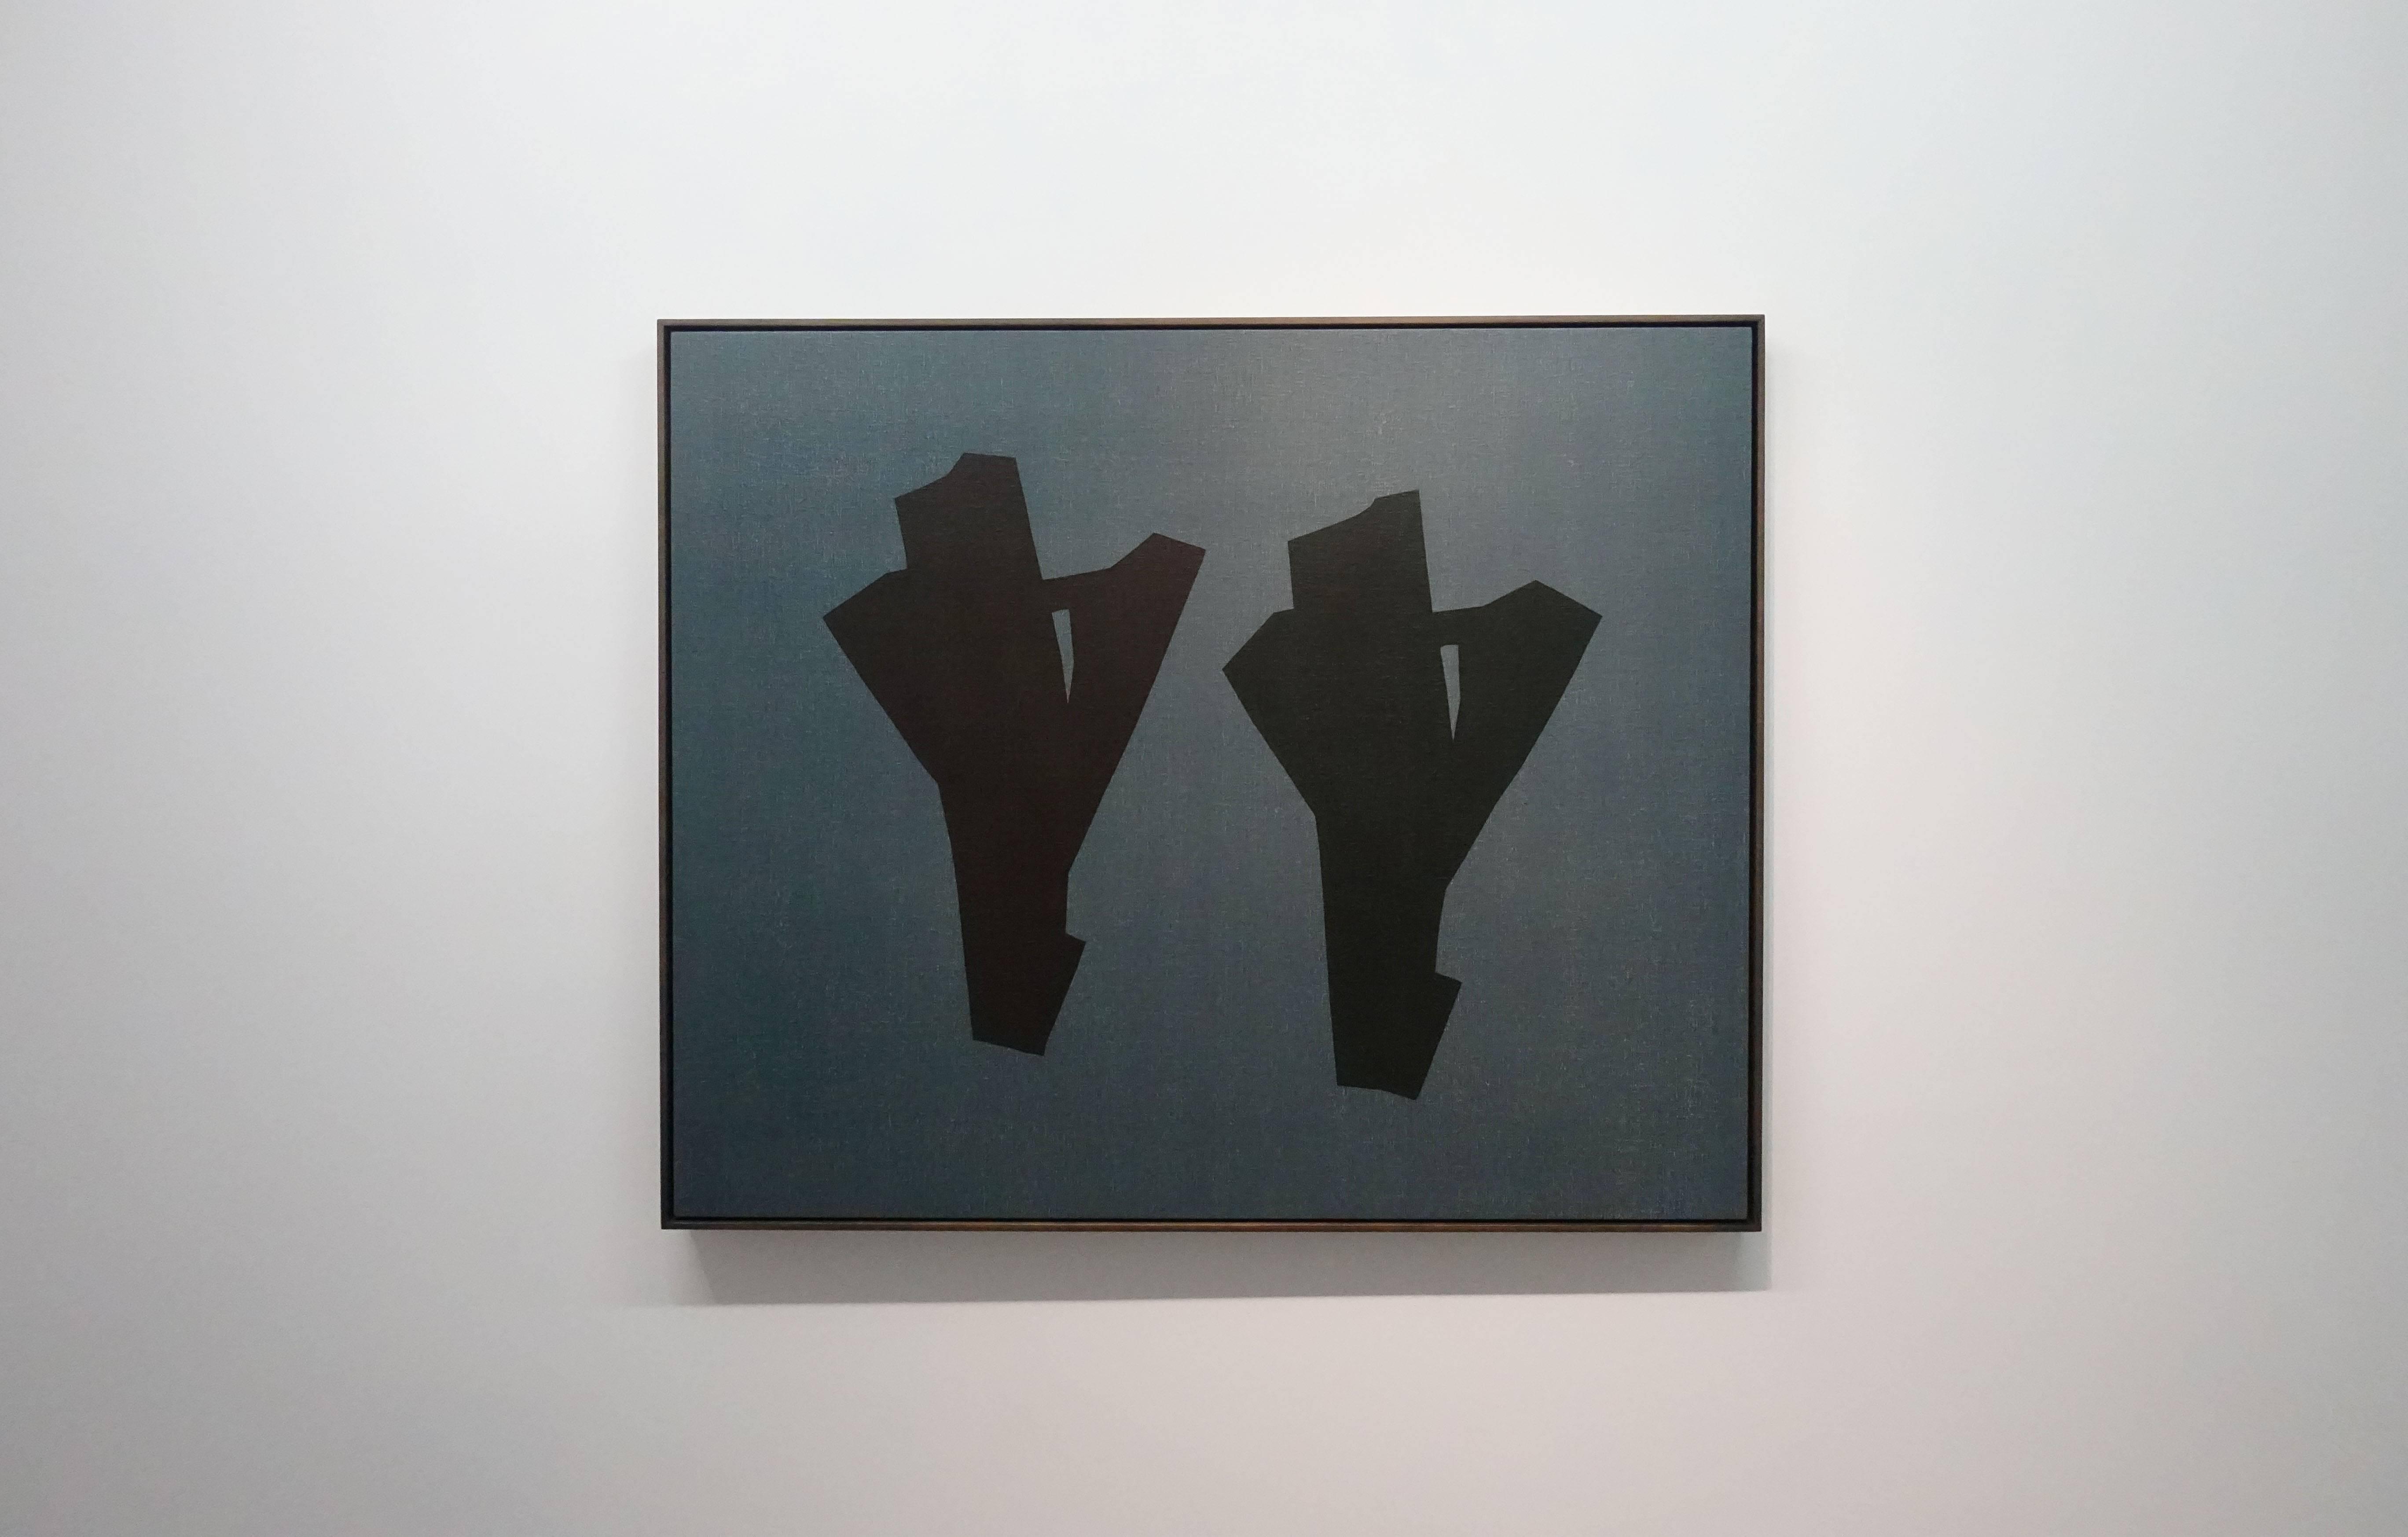 吳東龍,《Symbol-114》,2018,122x148cm,油彩畫布版。